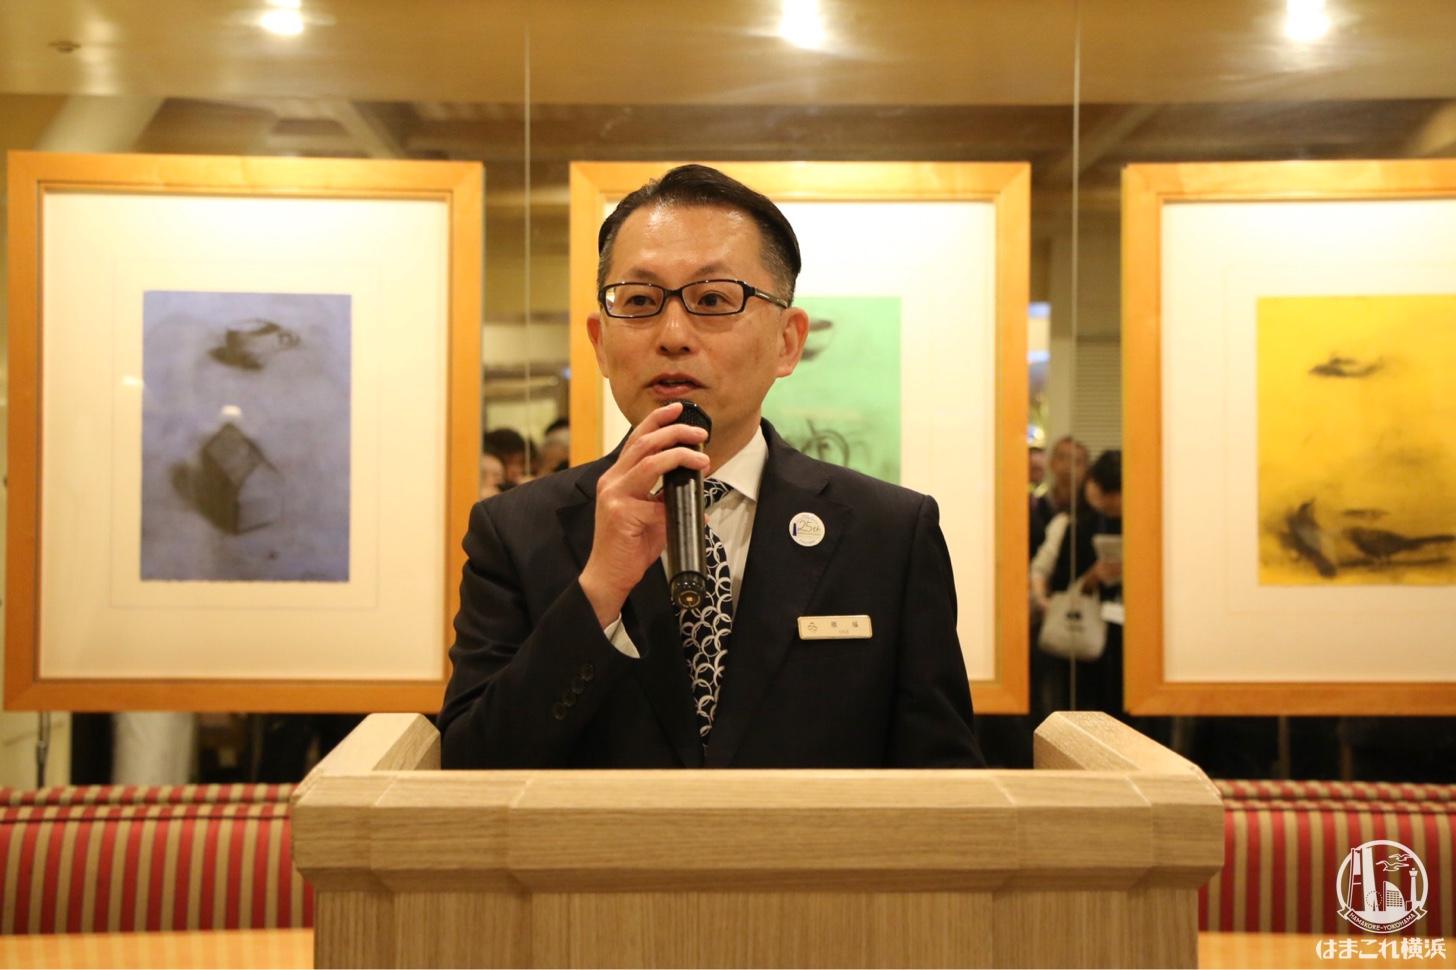 横浜ロイヤルパークホテル 総支配人 雄城 隆史 氏